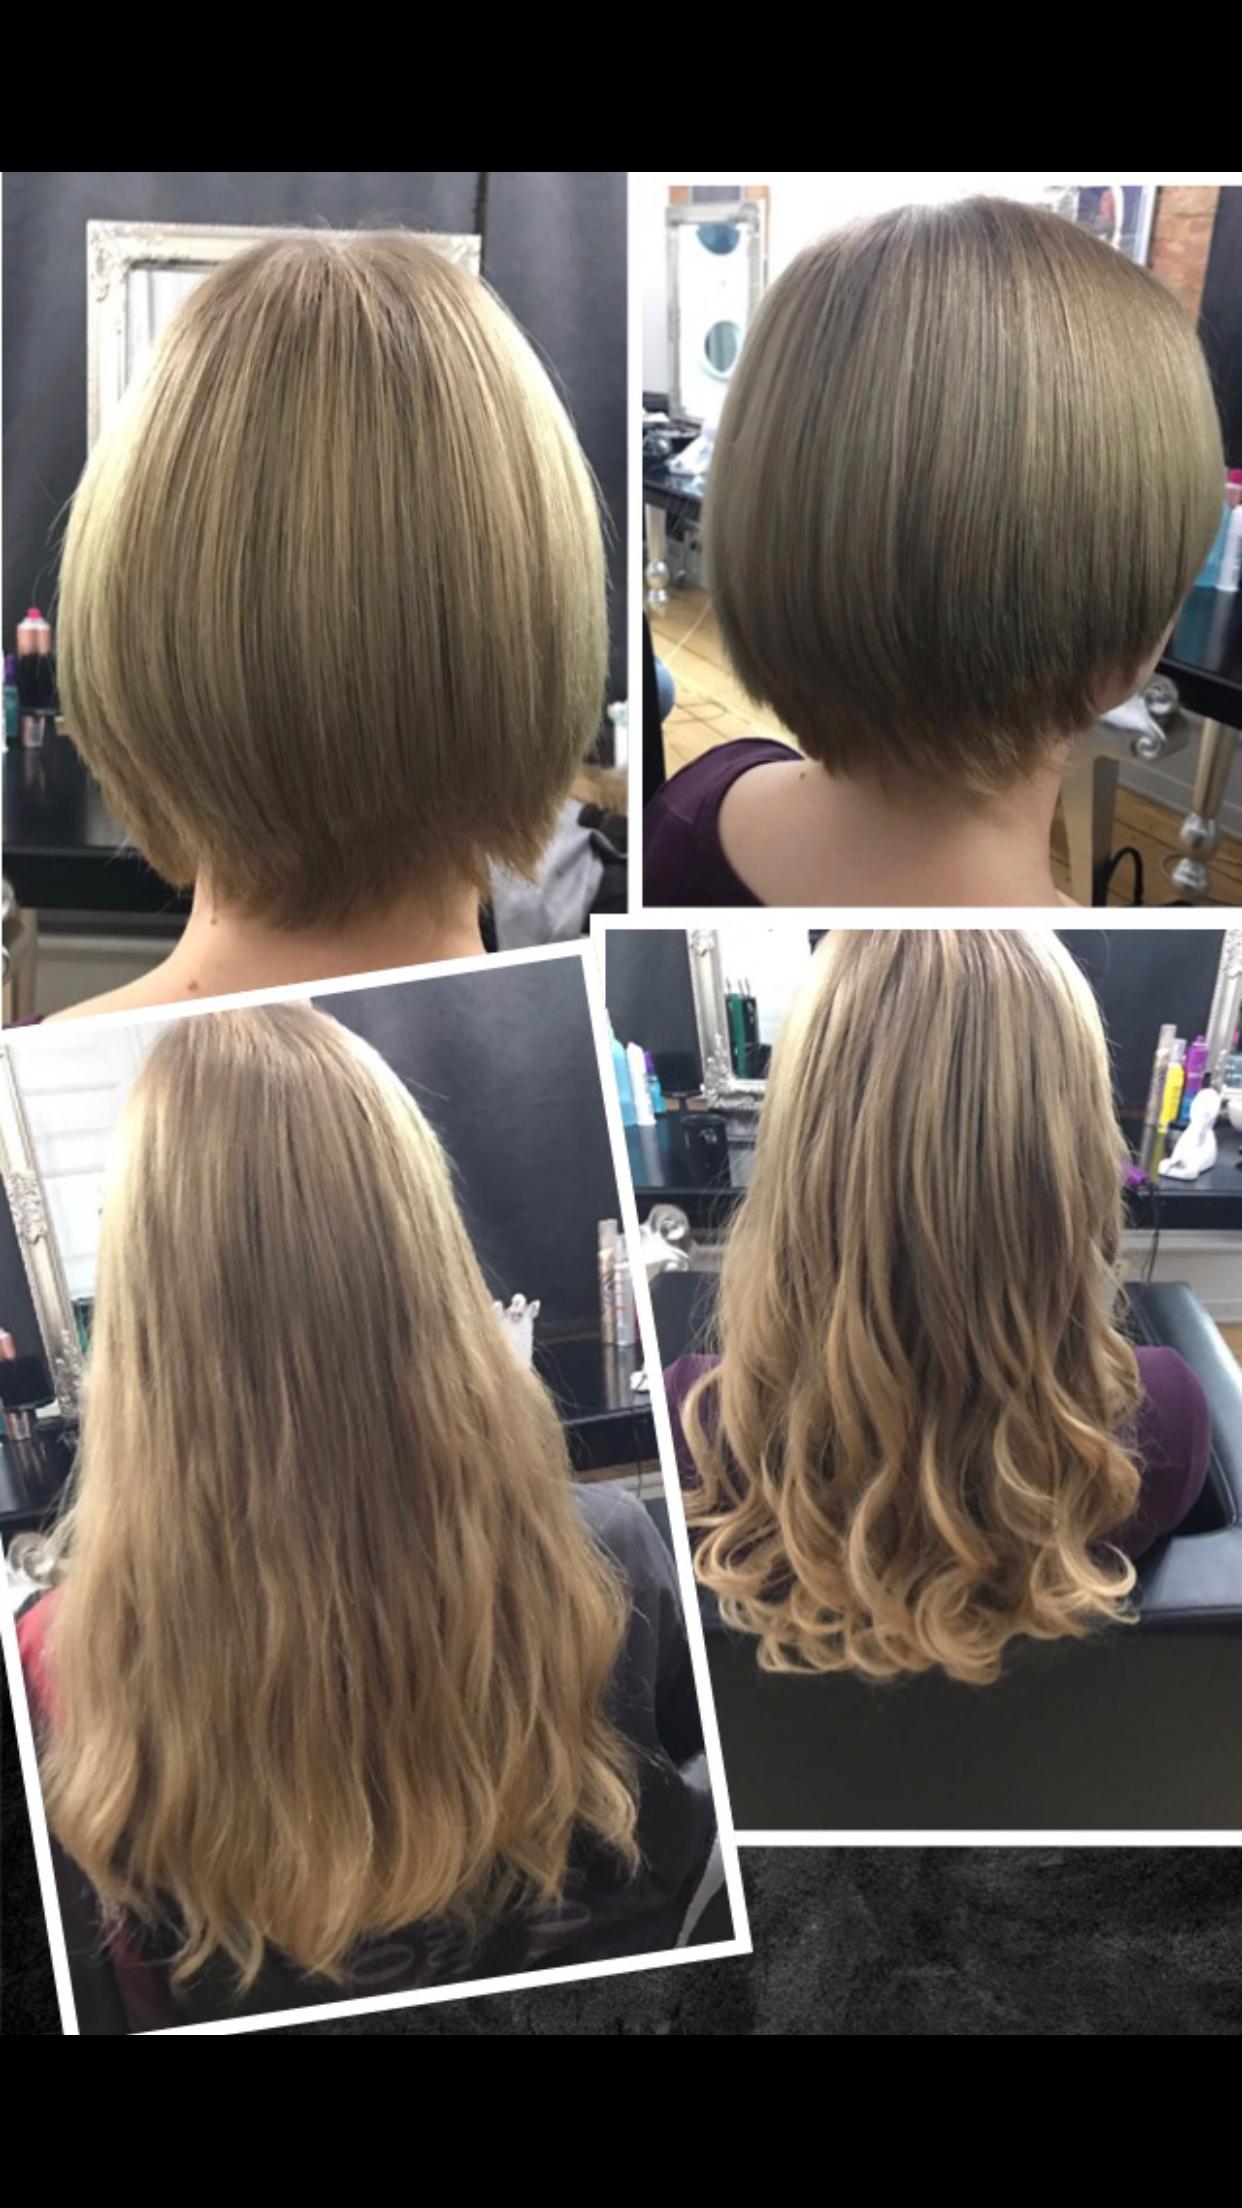 Extensions Haarverlangerung Bodyundbeautyhaarverlangerung Himmelpforten Haarverlangerungham Haarverlangerung Balayage Frisur Frisuren Mit Haarverlangerung